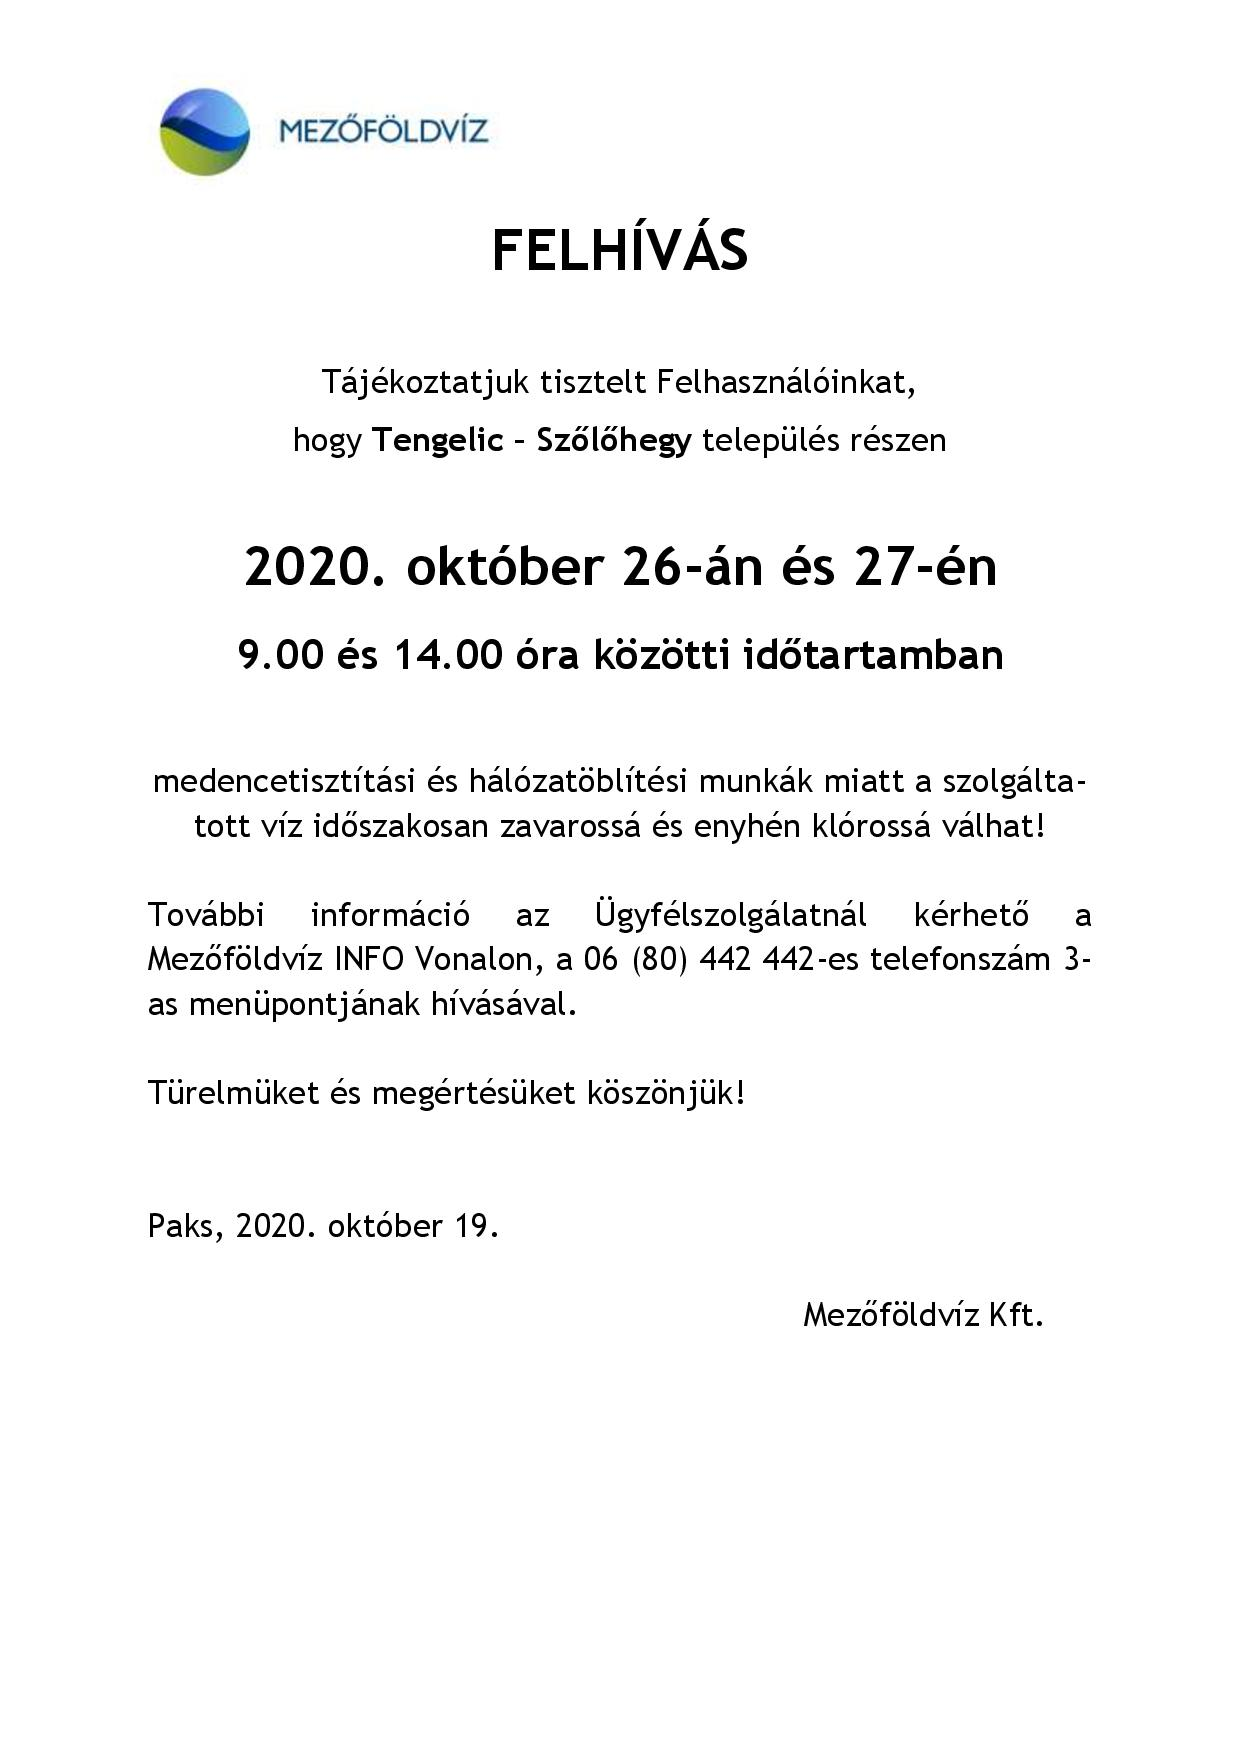 Tájékoztatás - Hálózat öblítés és medence mosatás miatti vízhiányról, nyomáscsökkenésről Tengelic-Szőlőhegy 2020.10.27-28-page-001